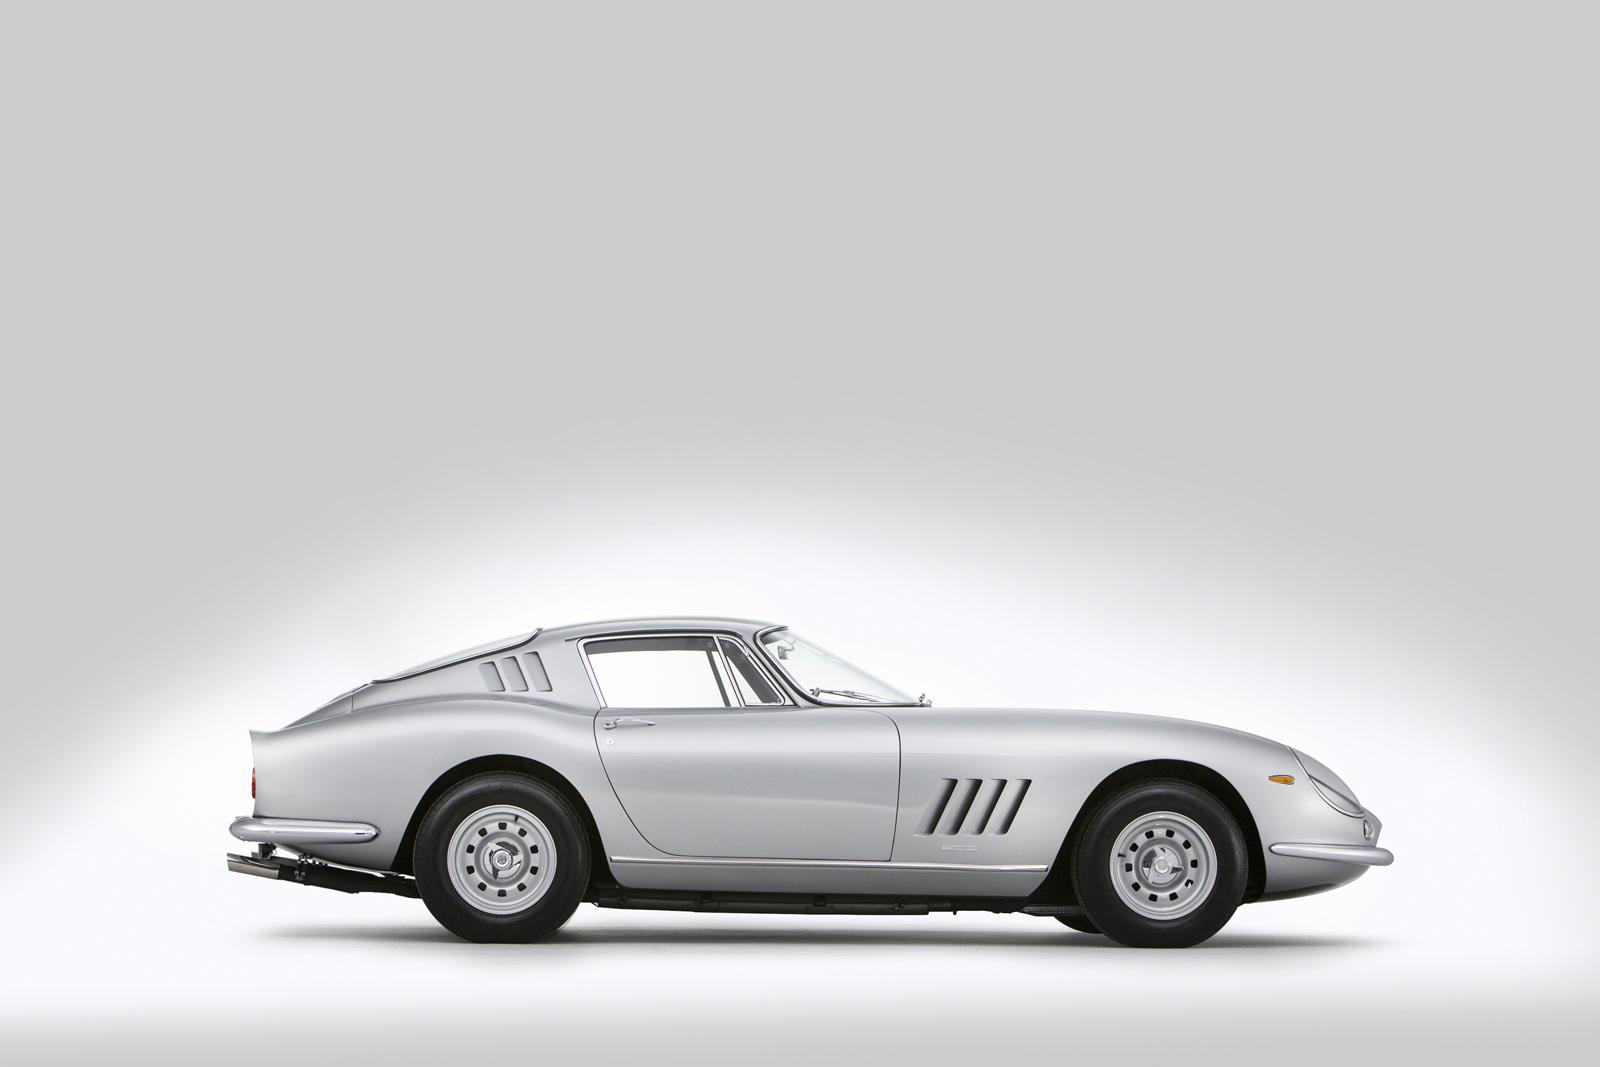 Ferrari275_rightside.jpg